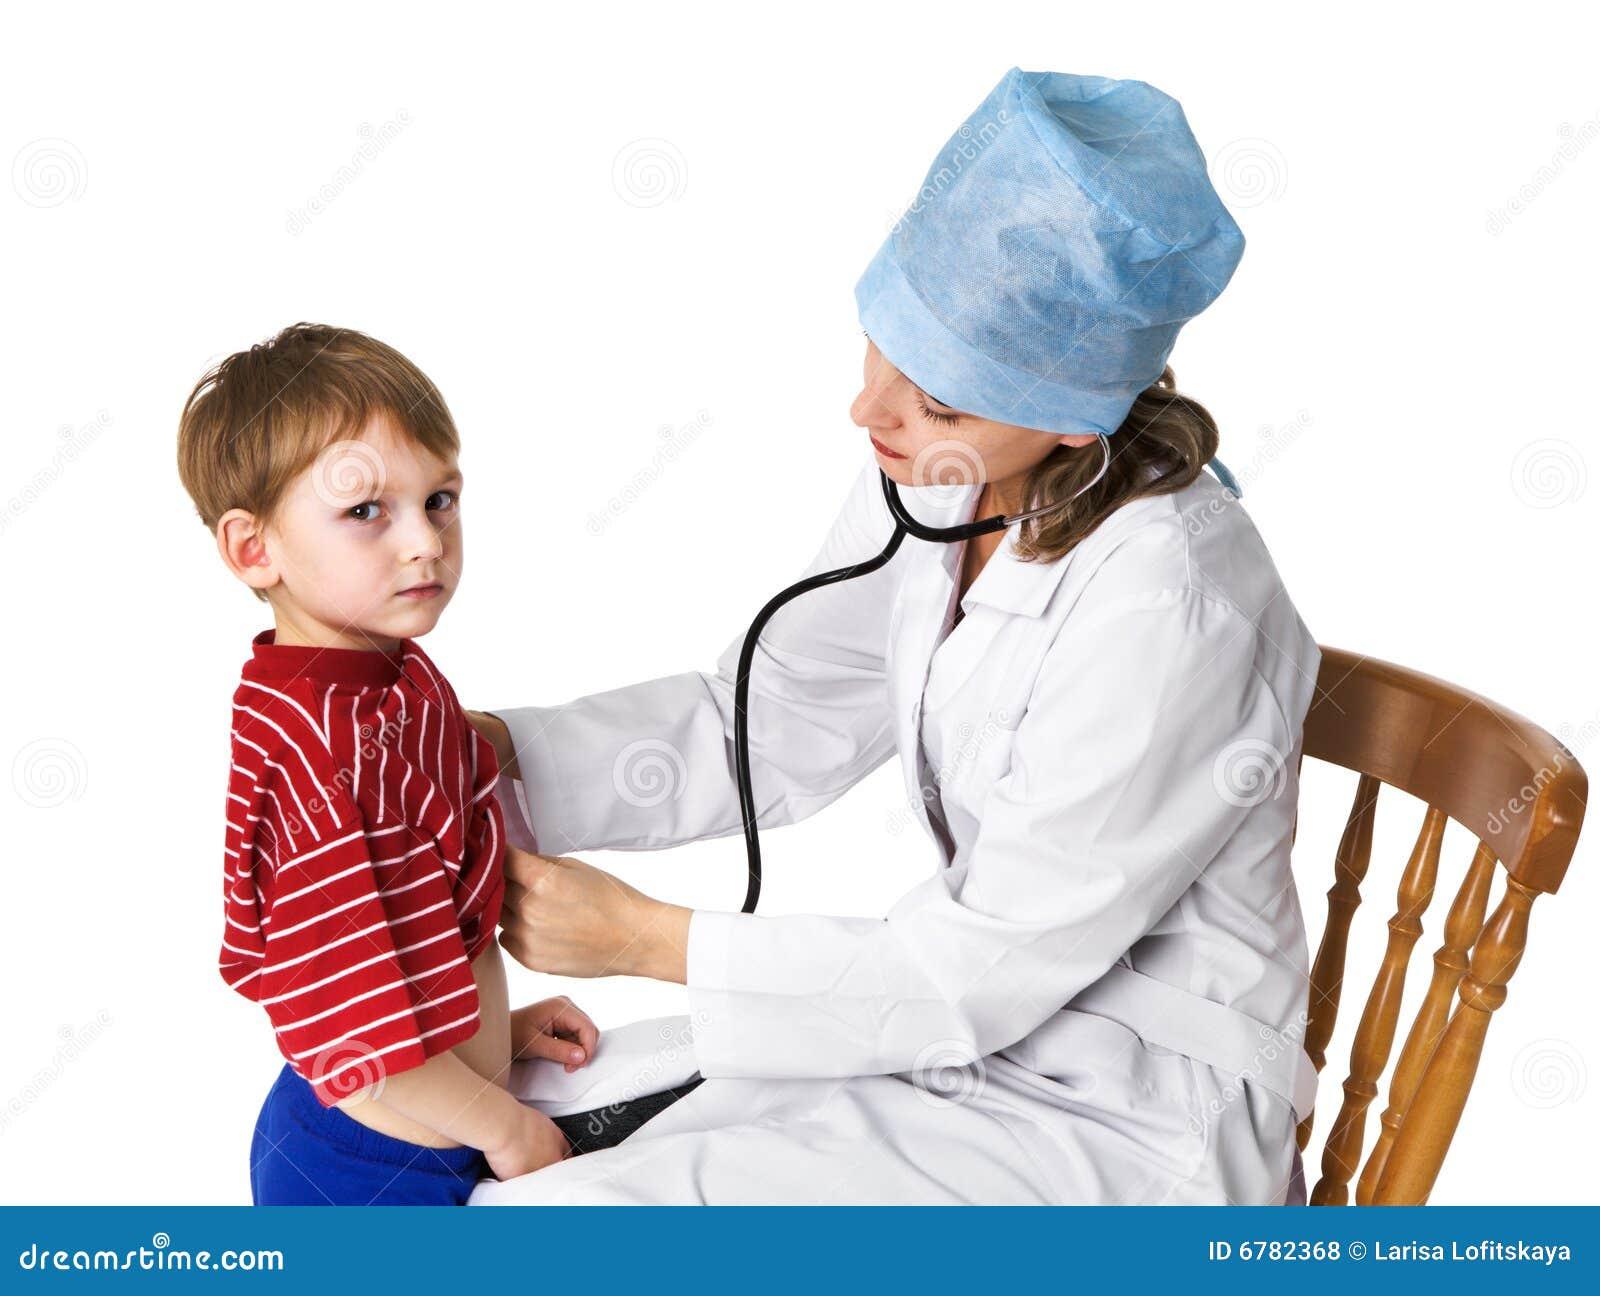 Детский врач на дом - Медицинский центр СК-МЕД г. Екатеринбург 90